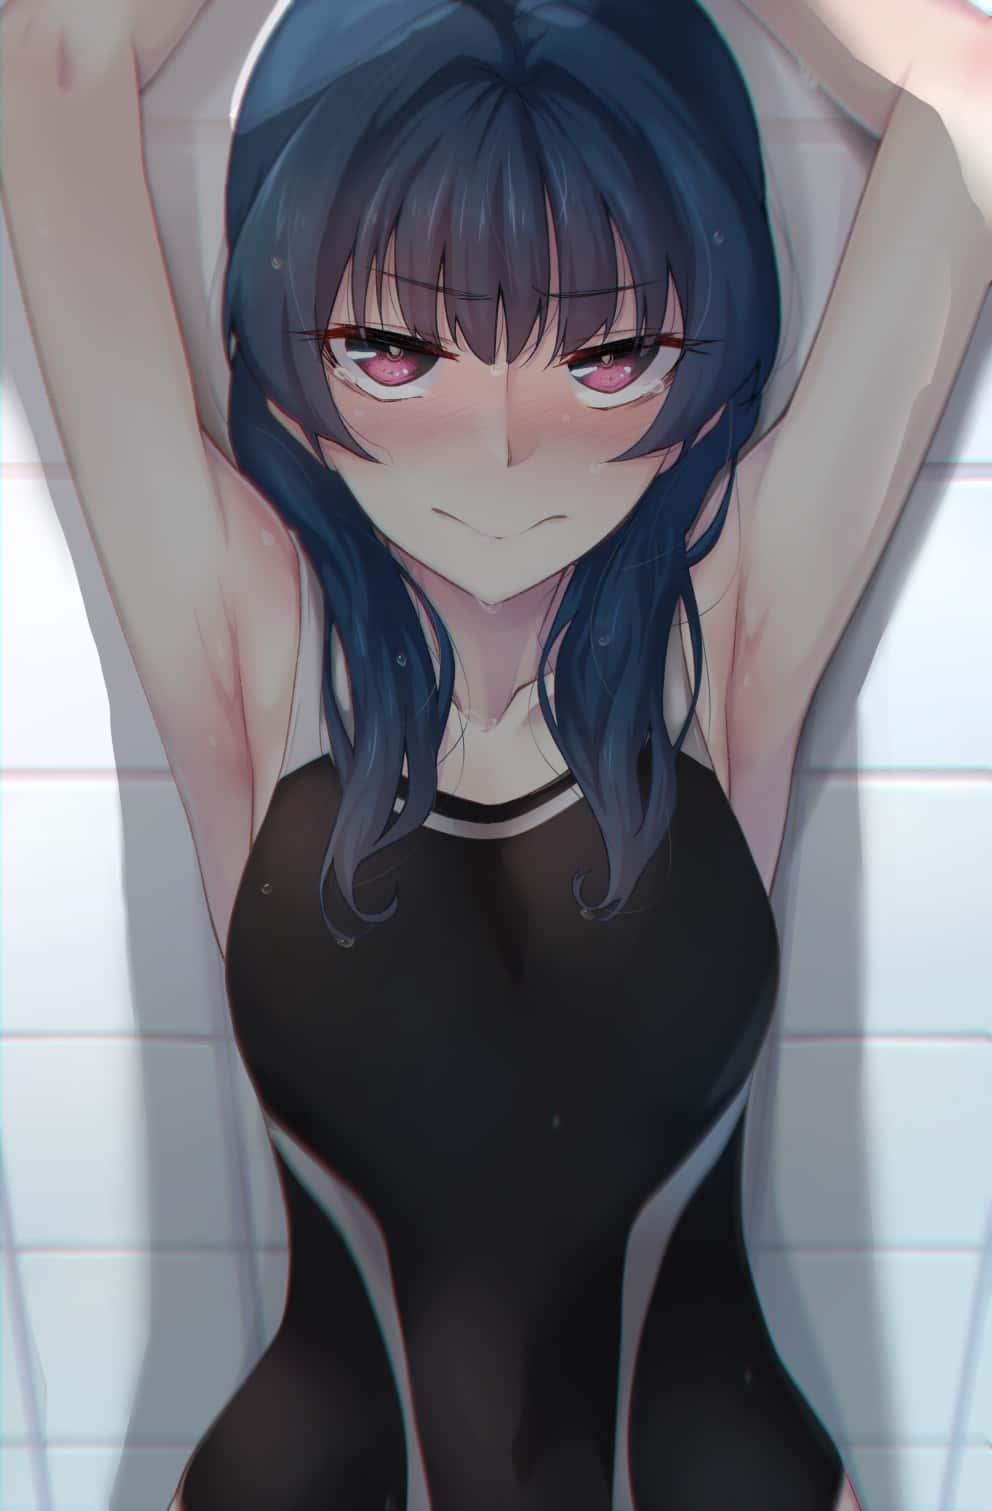 hentaim 水着ガール38 - 【二次】水着の美少女のエロ画像:イラスト その22